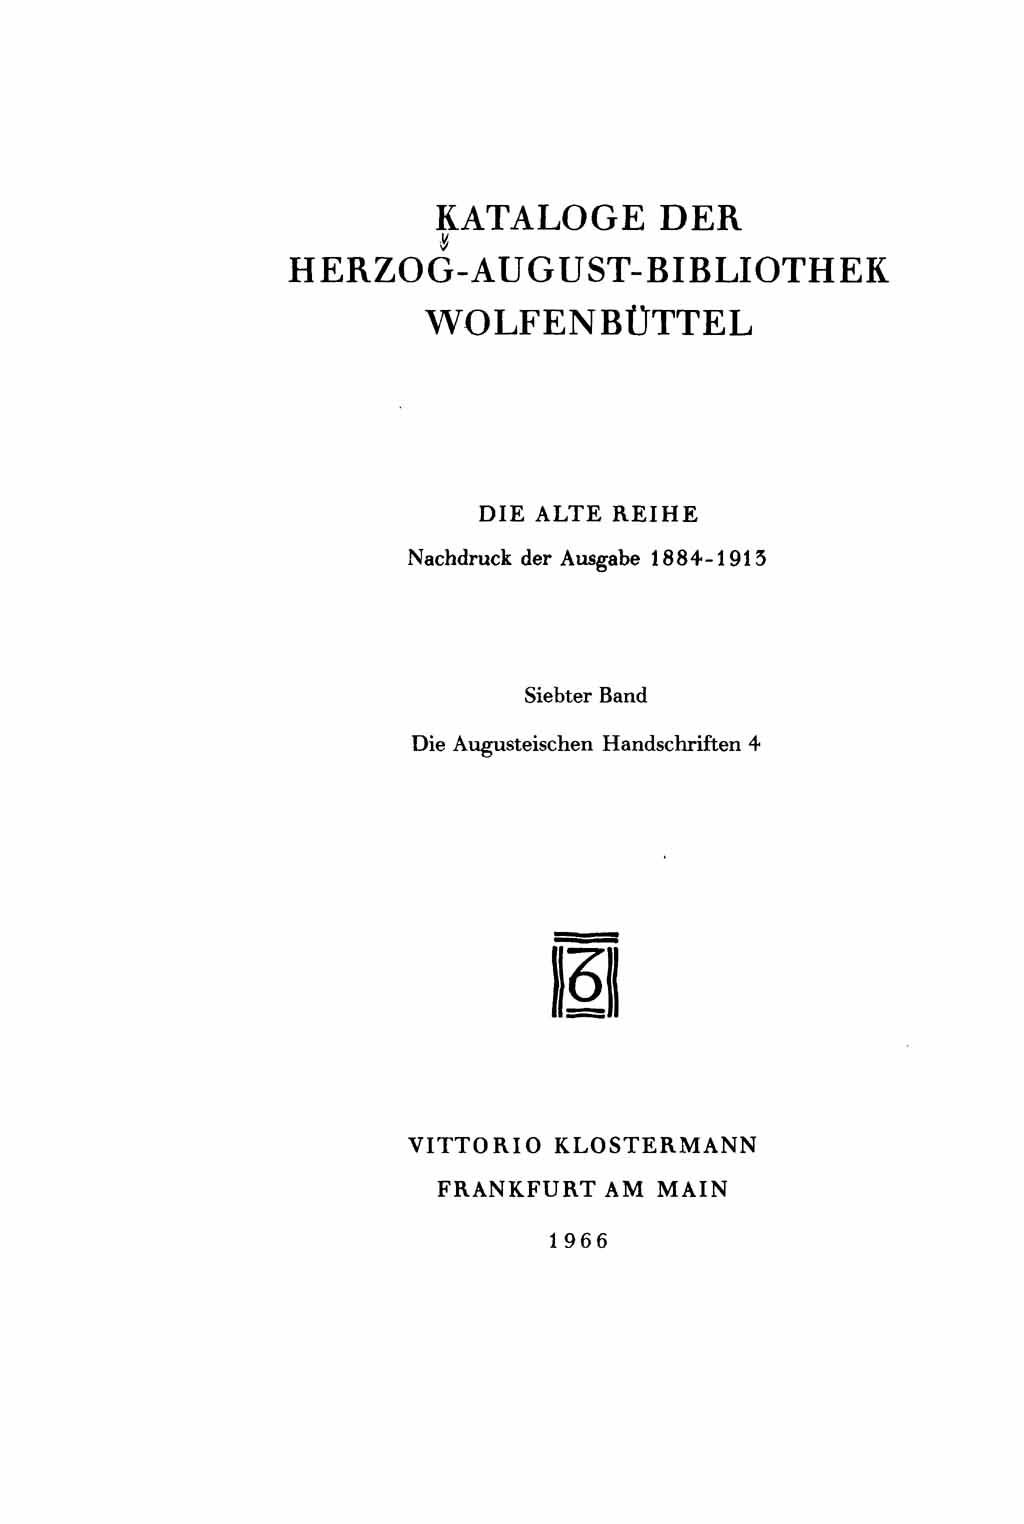 https://diglib.hab.de/drucke/f4f-539-7/00002.jpg